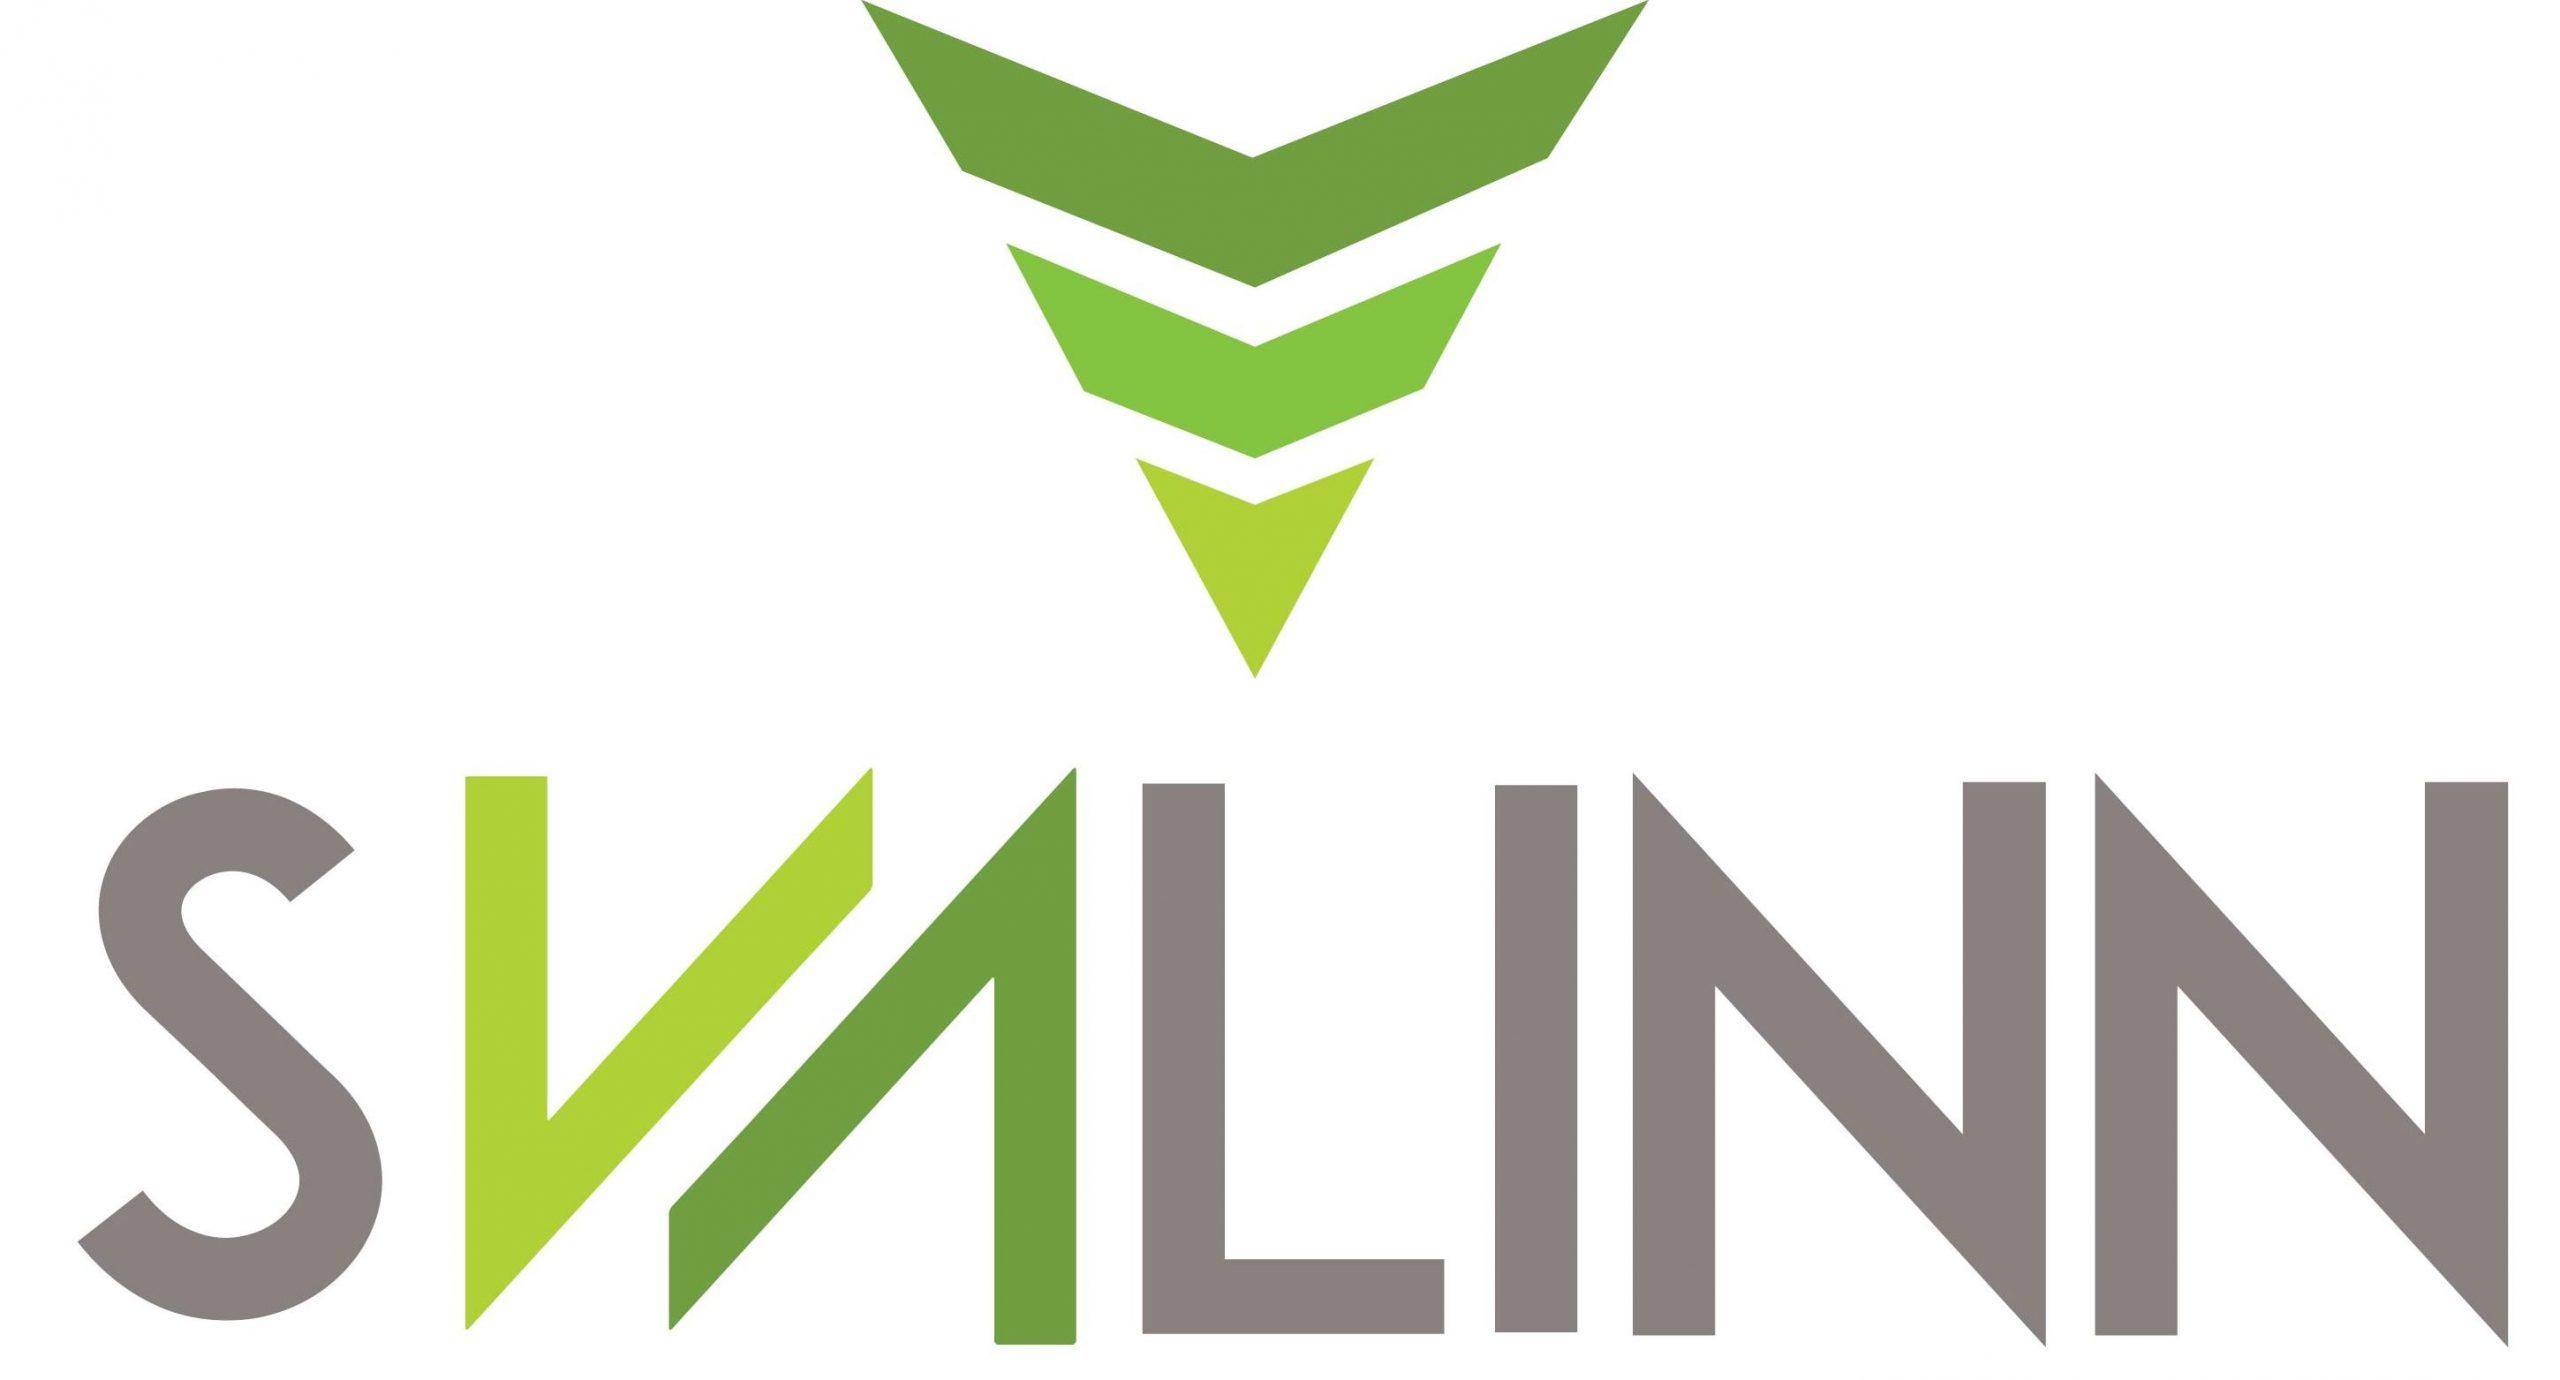 Svalinn Final Logo scaled